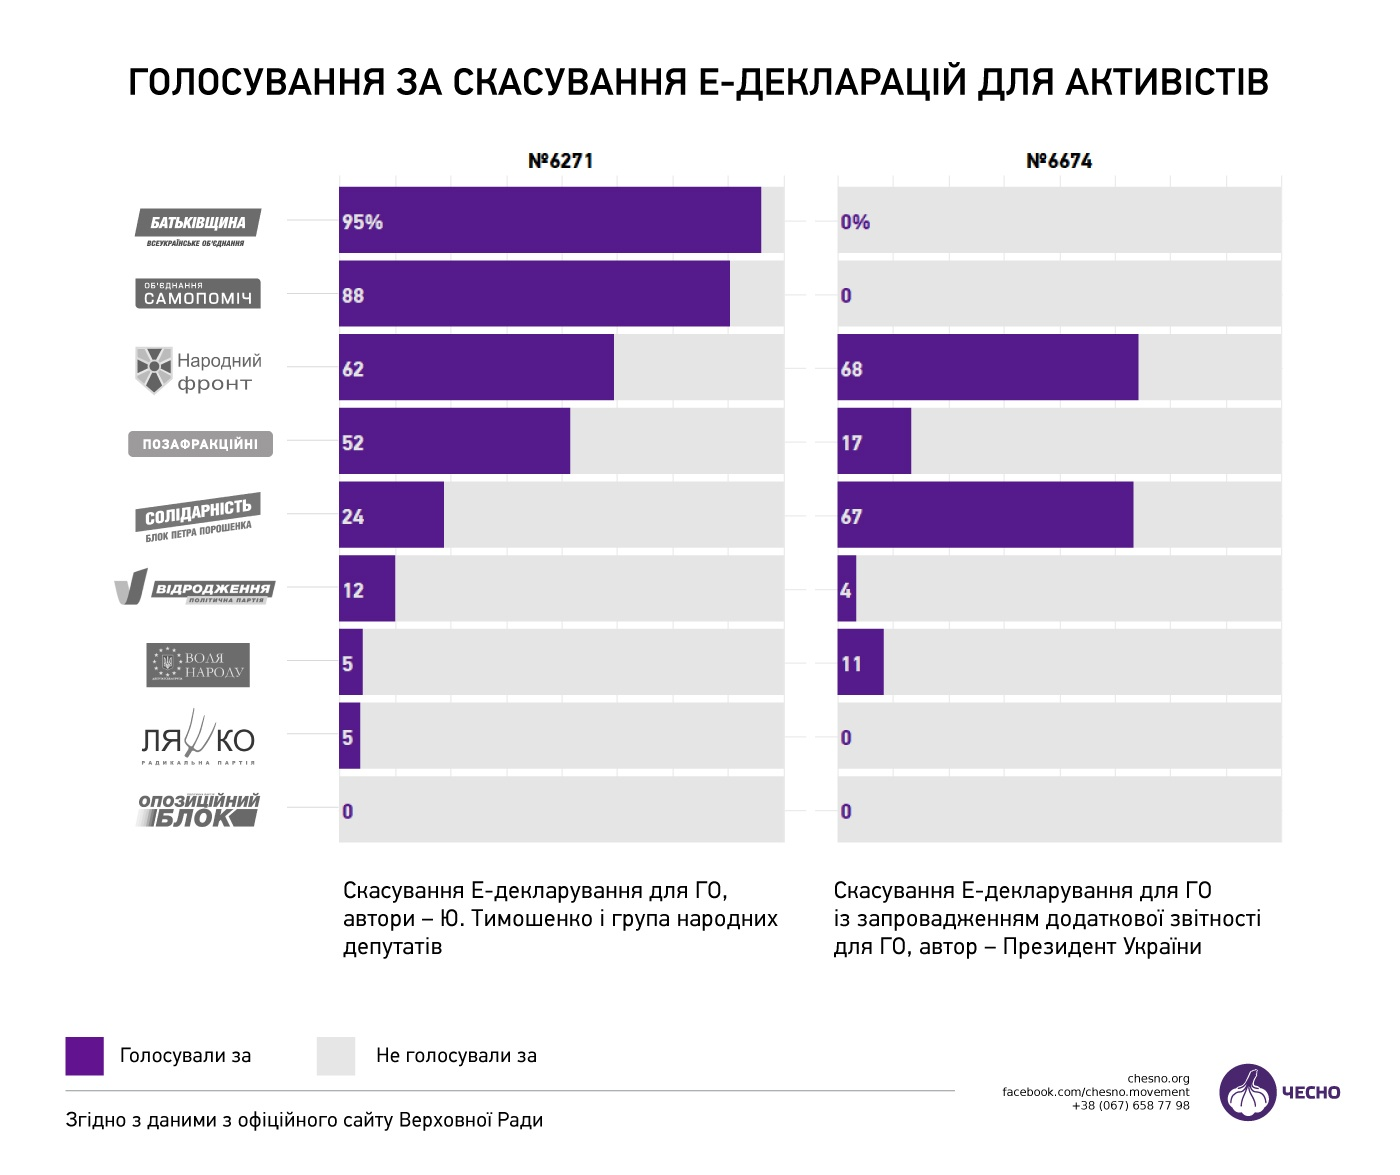 Інфографіка голосування за скасування е-декларування для громадських активістів. Джерело: